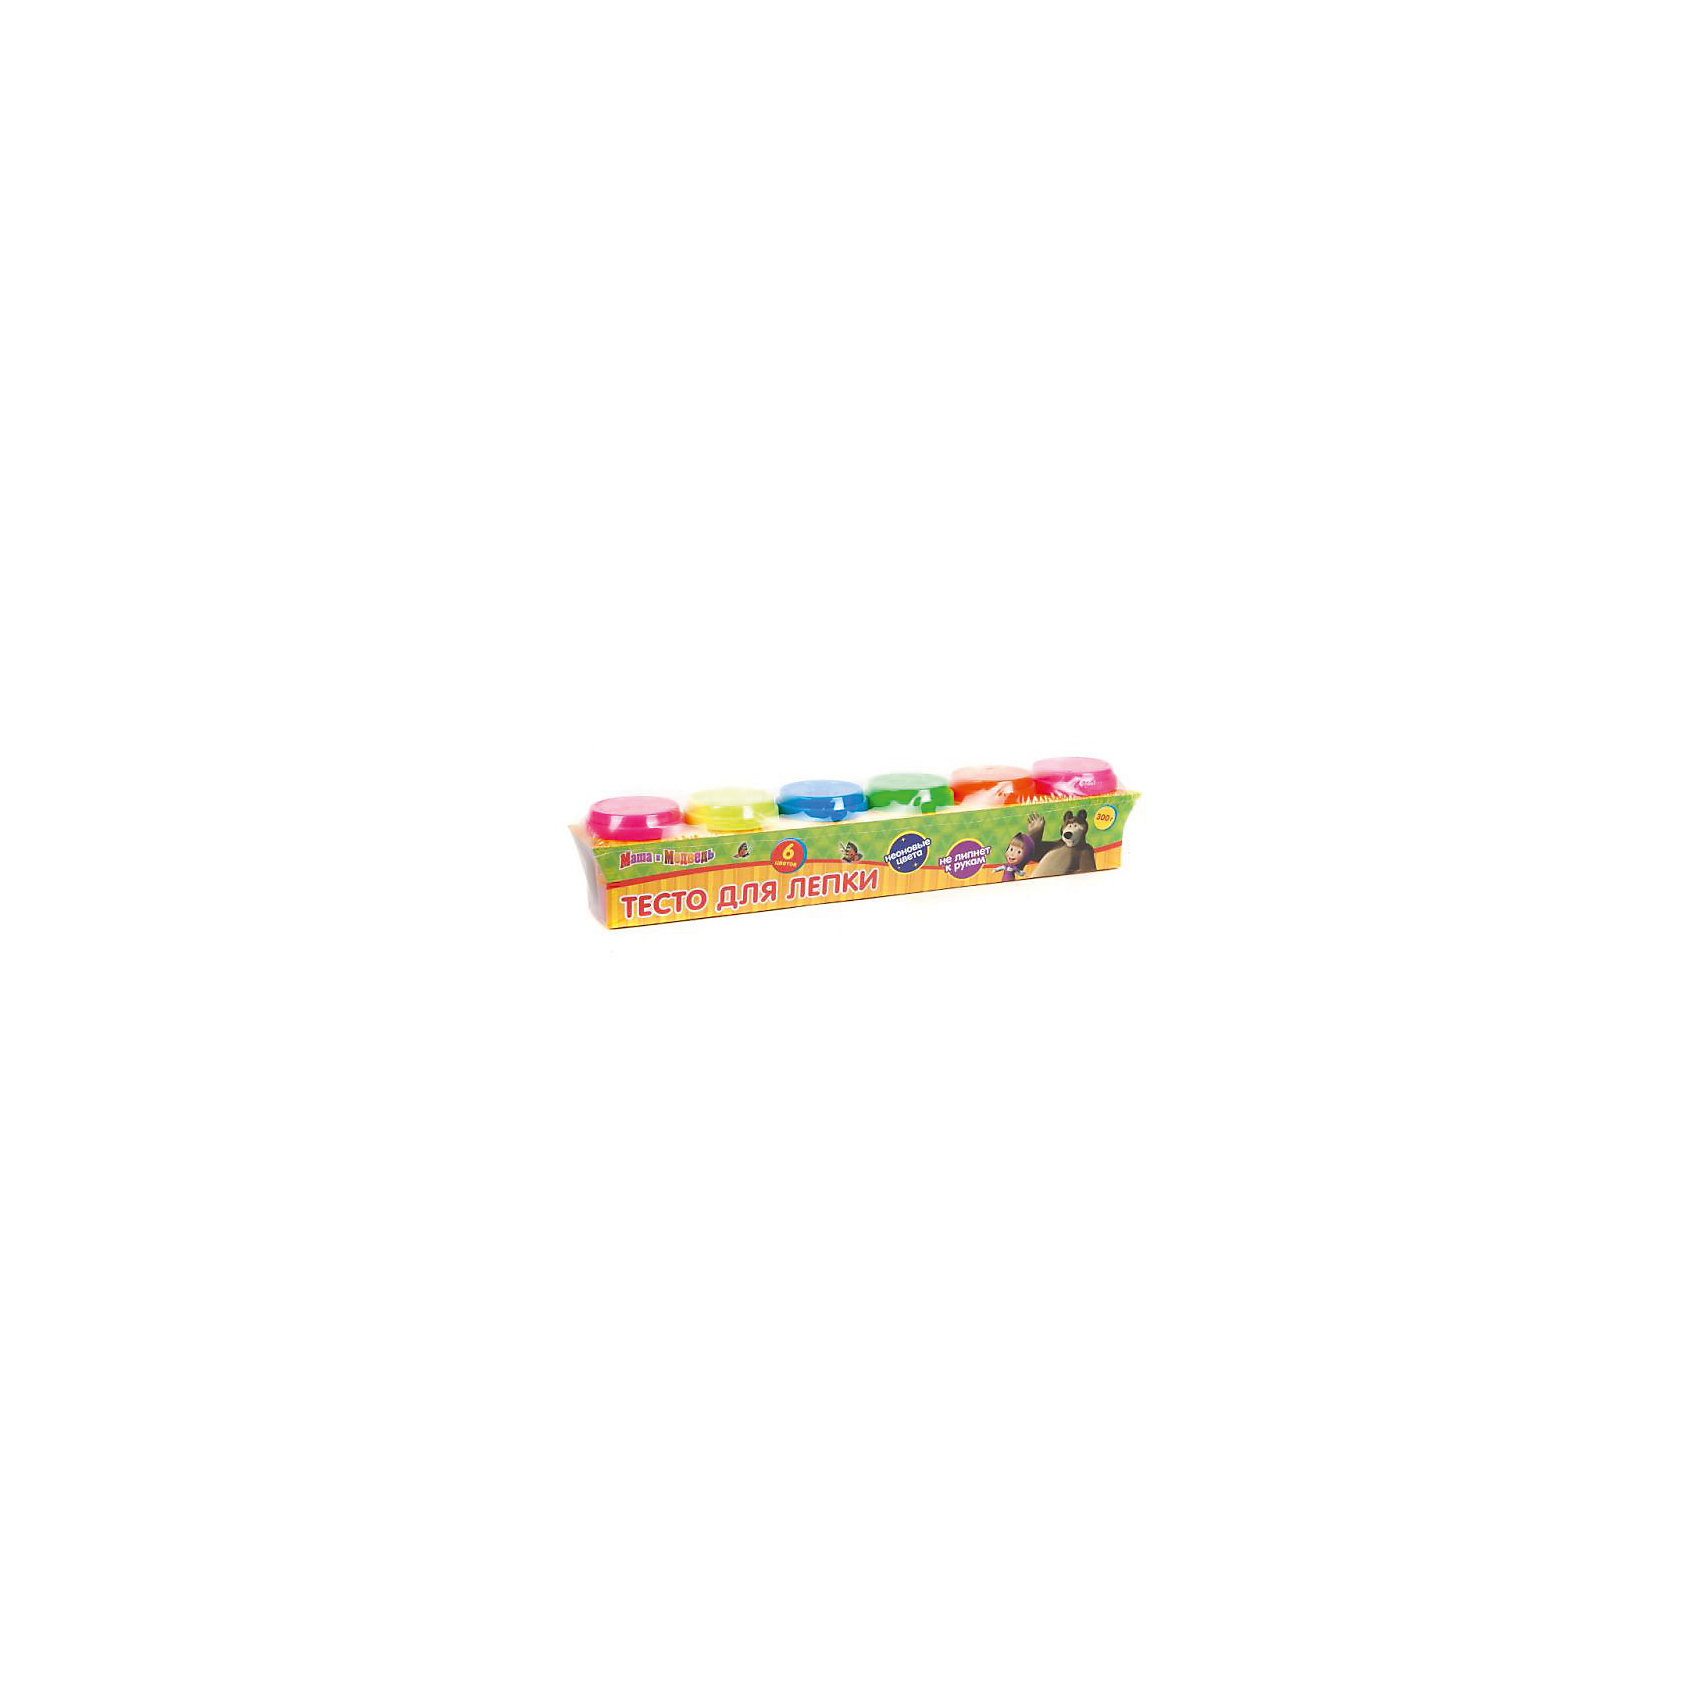 Тесто для лепки Неон, Маша и медведьМаша и Медведь<br>Характеристики товара:<br><br>• количество цветов: 6<br>• материал упаковки: пластиковые баночки<br>• возраст: 3+<br>• комплектация: тесто 6 банок<br>• страна производства: Китай<br><br>Развитие мелкой моторики малыша должно происходить постоянно. Помогают в этом различные игры и творческие процессы. Безусловно, приятно, когда после веселой игры остается в руках красивая памятная вещь, созданная своими руками. Лепка из теста относится как раз к таким играм. Многообразие цветов и приятная консистенция – основные достоинства набора. Материалы, использованные при изготовлении товара, сертифицированы и отвечают всем международным требованиям по качеству. <br><br>Набор «Тесто для лепки Неон, Маша и медведь» можно приобрести в нашем интернет-магазине.<br><br>Ширина мм: 50<br>Глубина мм: 70<br>Высота мм: 310<br>Вес г: 480<br>Возраст от месяцев: 36<br>Возраст до месяцев: 72<br>Пол: Унисекс<br>Возраст: Детский<br>SKU: 5196974